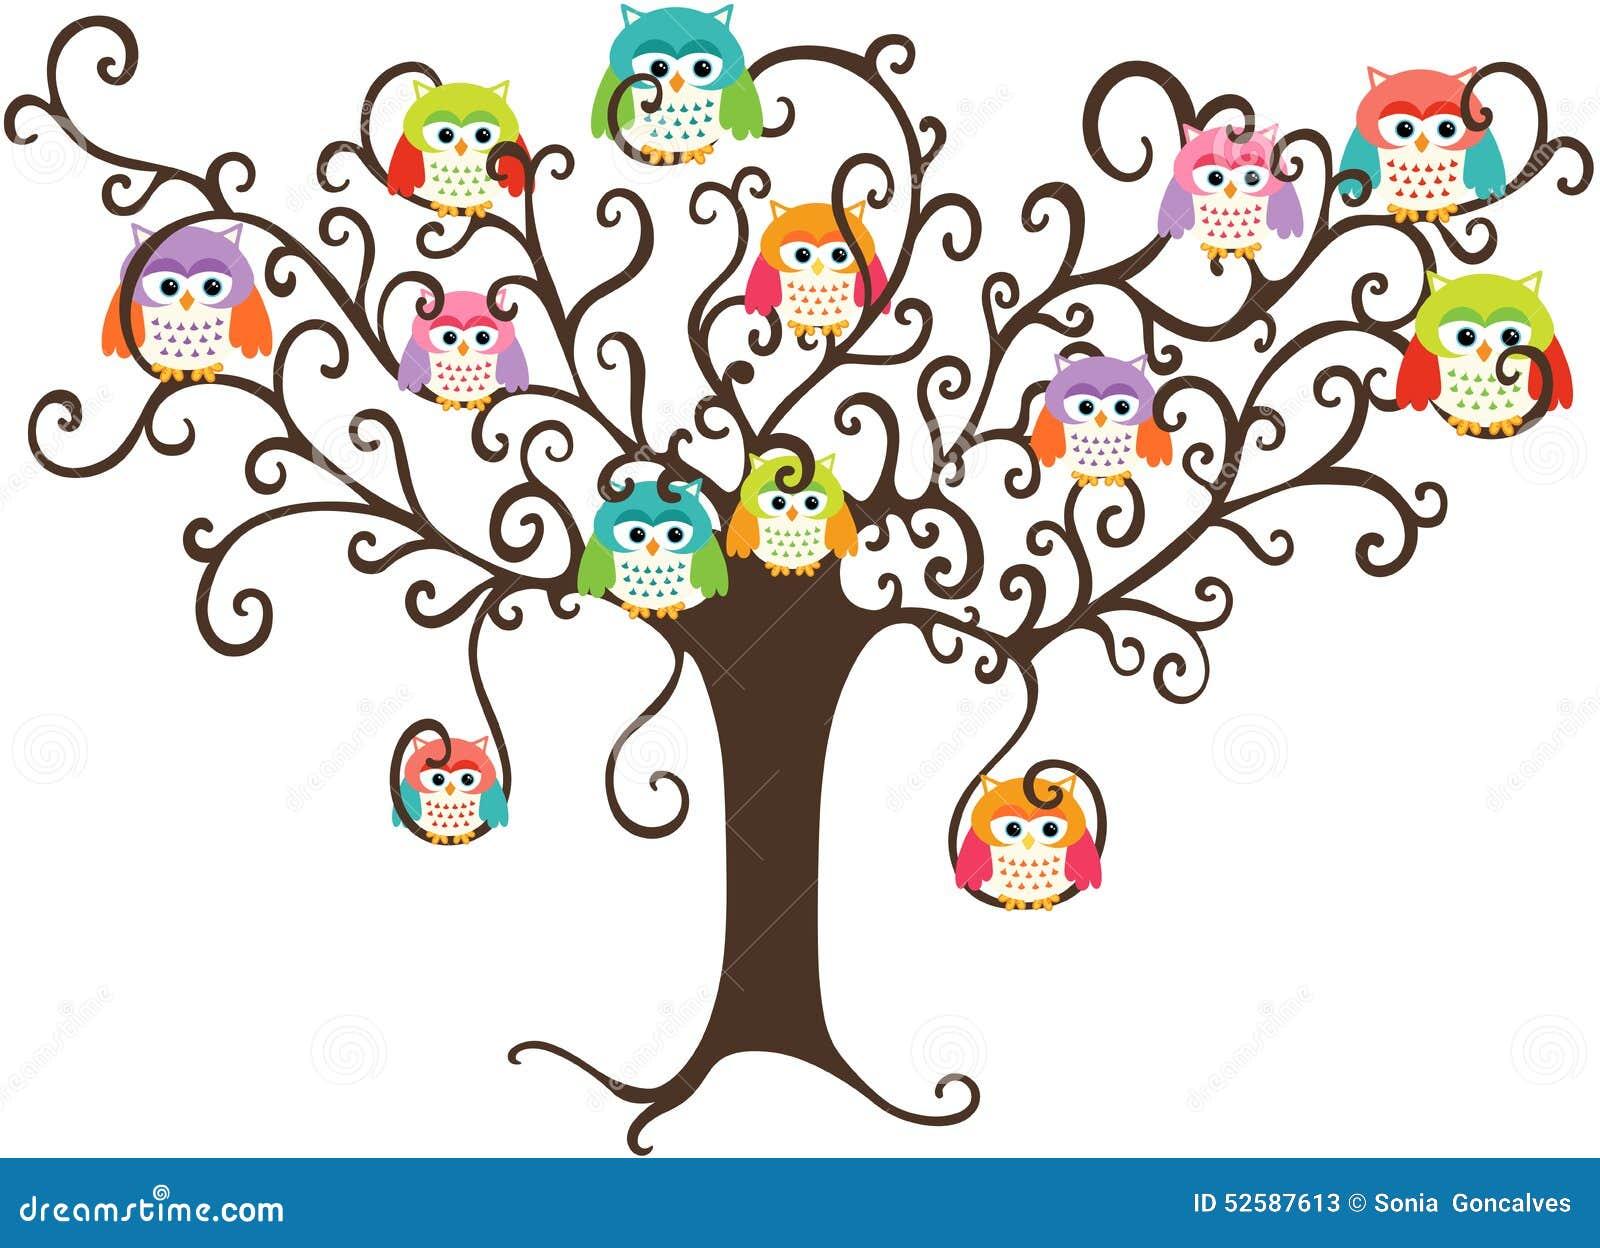 Búhos Coloridos En árbol Bonito Ilustración Del Vector Ilustración